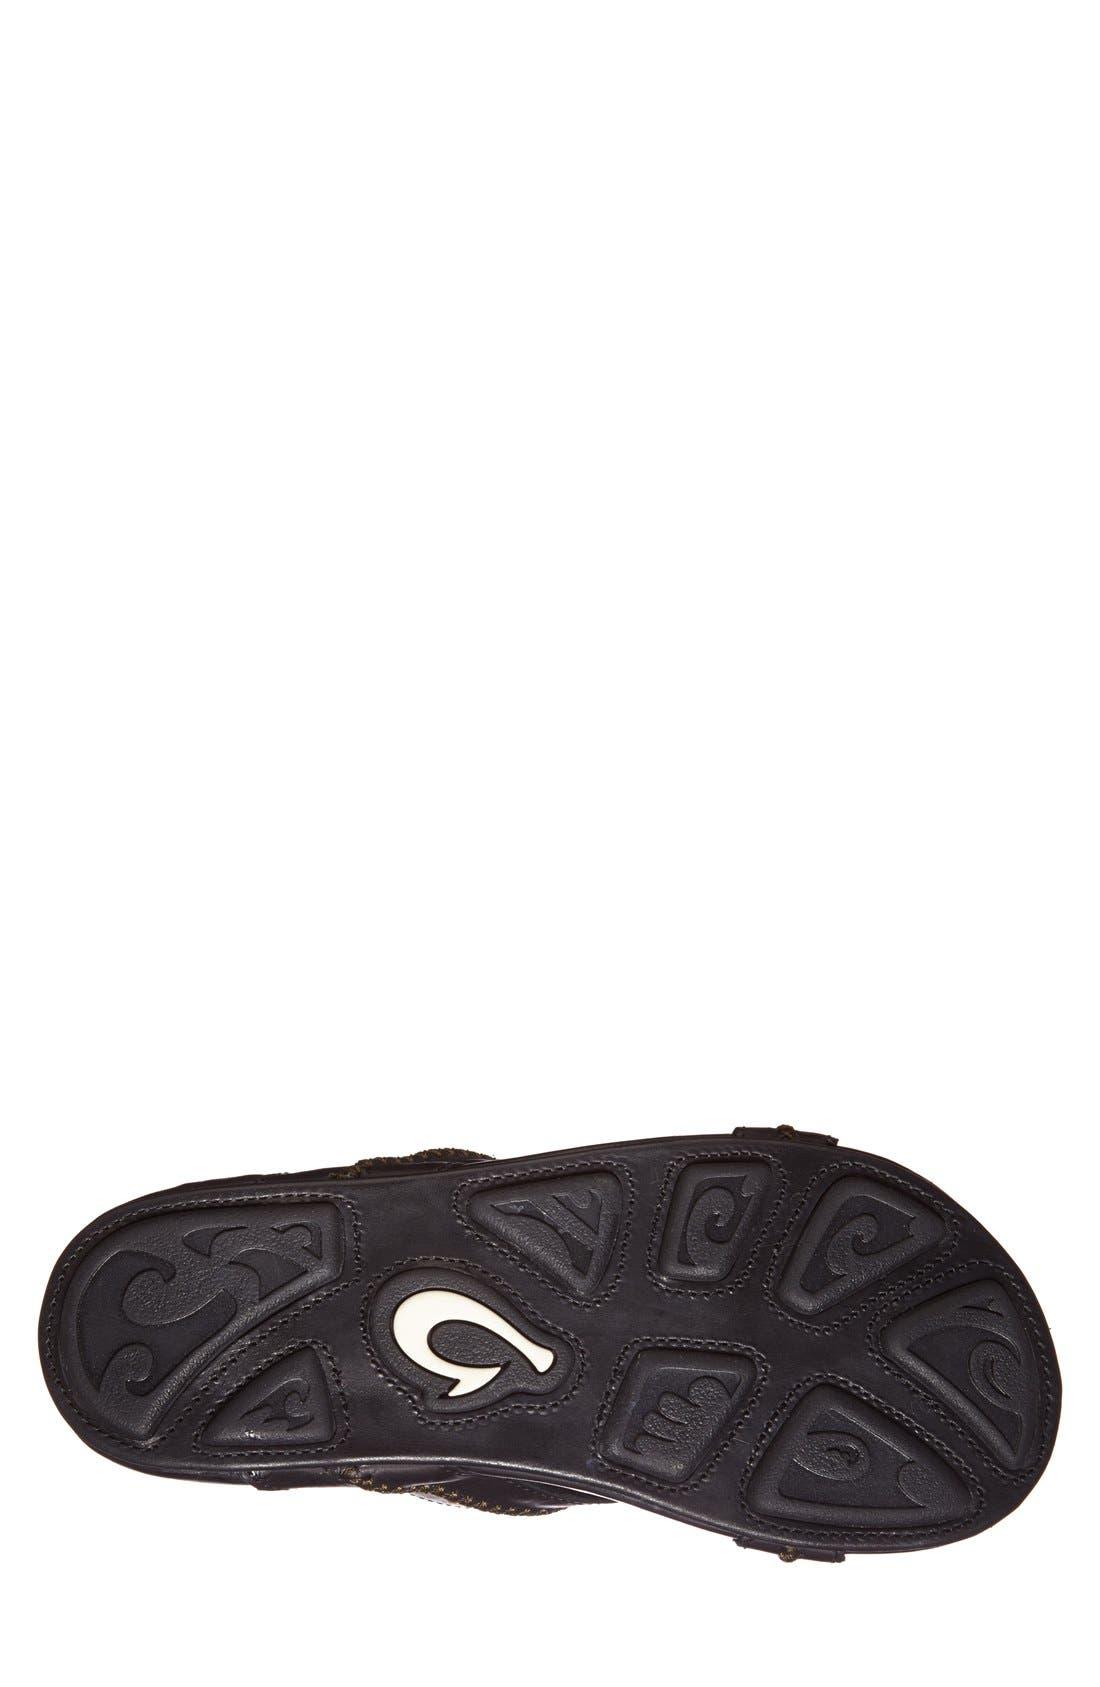 Alternate Image 4  - OluKai 'Mea Ola' Slide Sandal (Men)